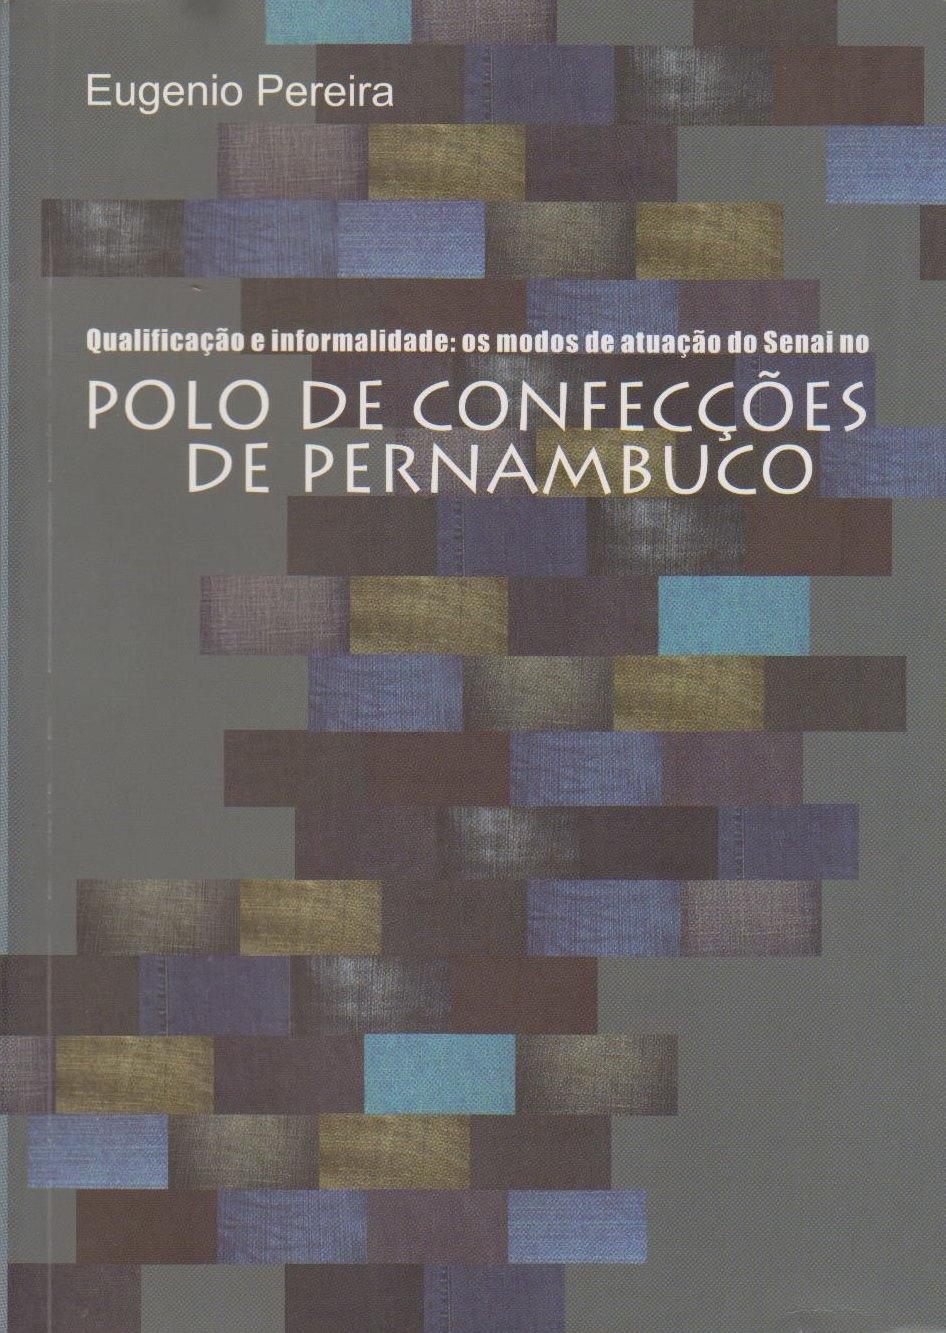 Qualificação e informalidade: os modos de atuação do Senai no polo de confecções de Pernambuco, livro de Eugenio Pereira